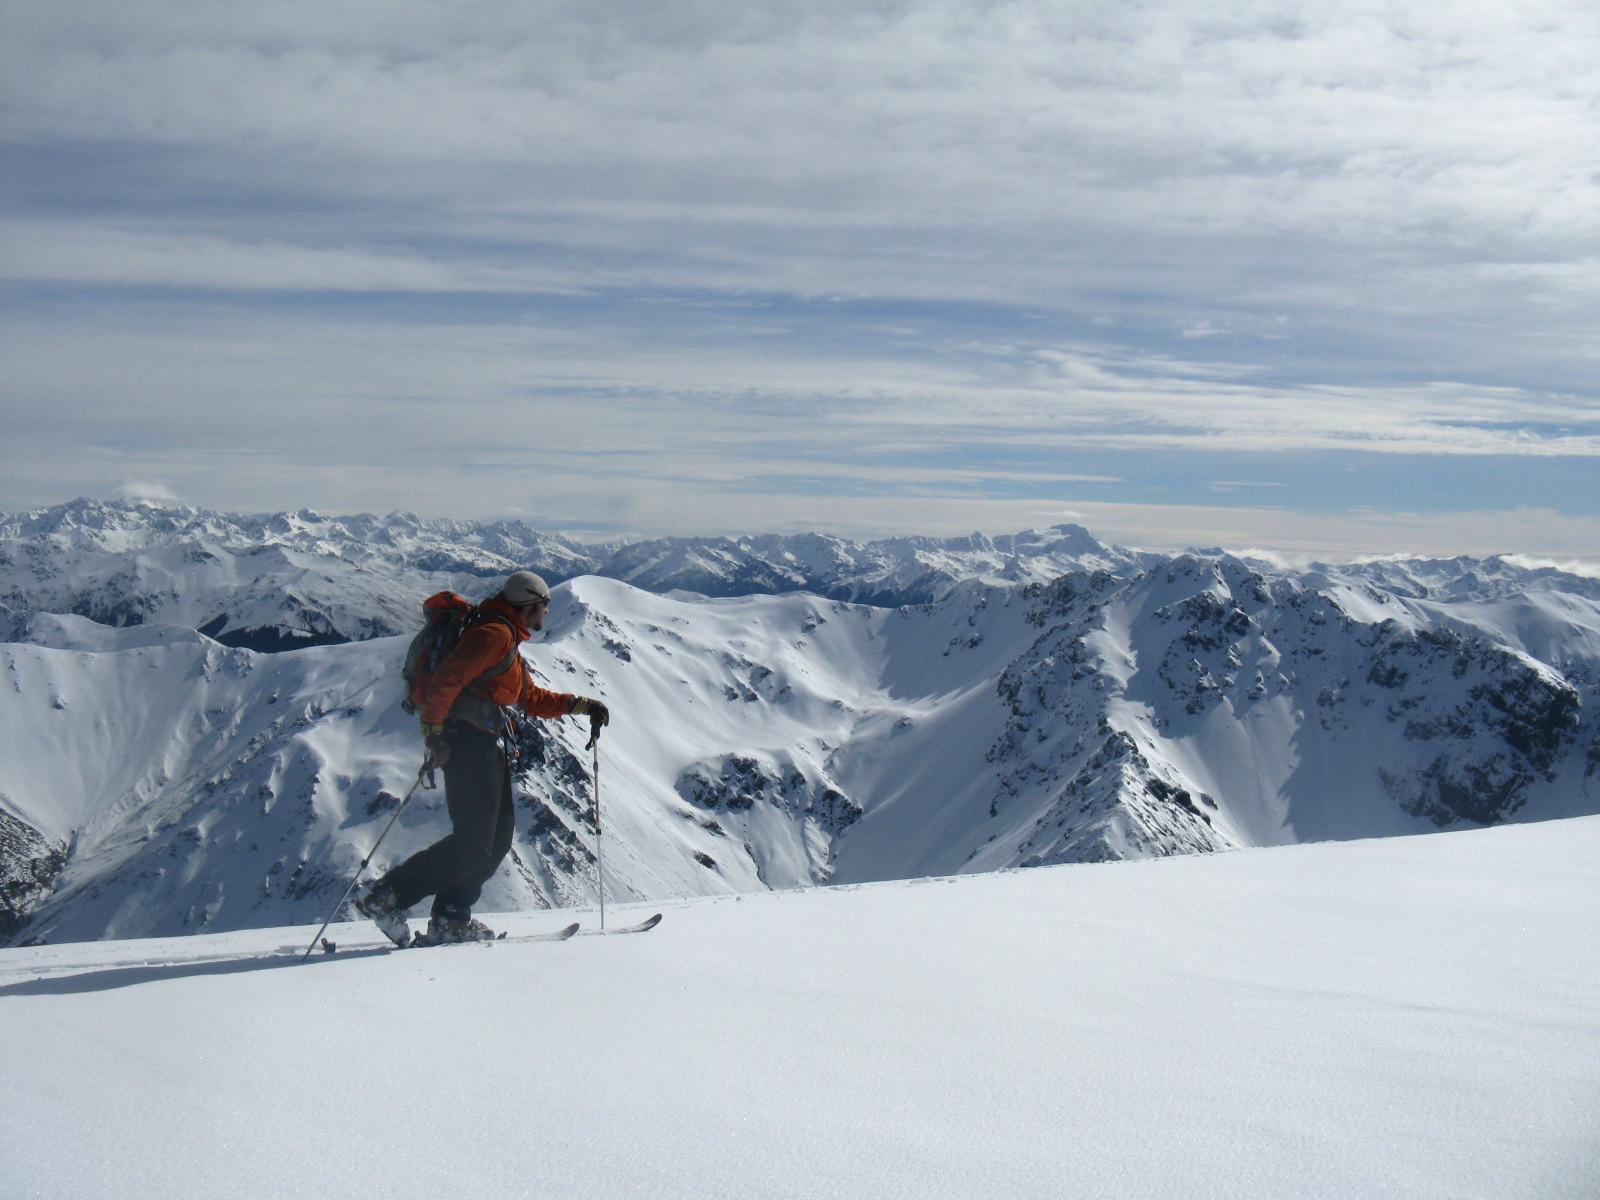 Ski Touring Near Broken River Ski Club in New Zealand